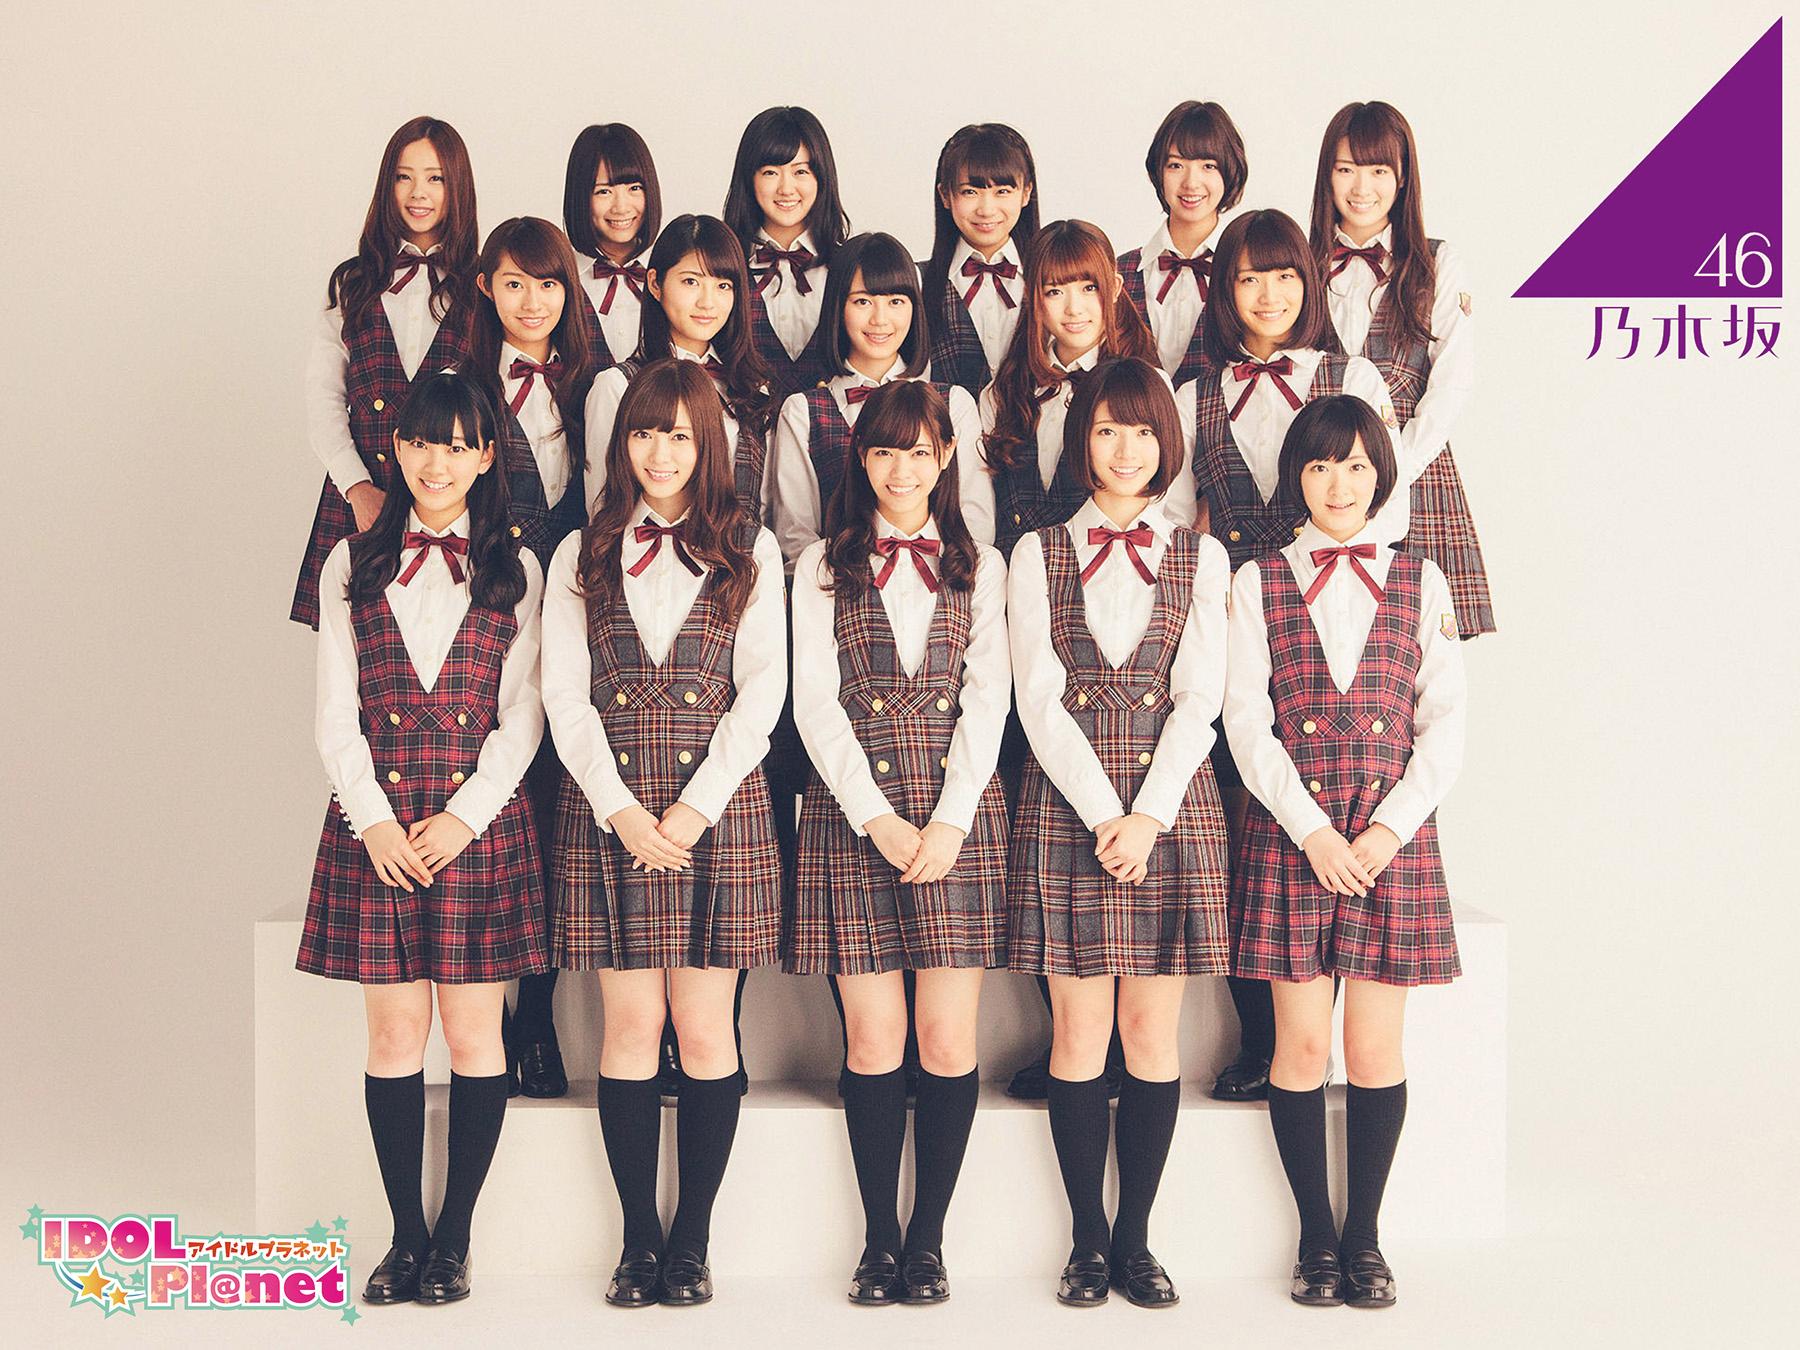 かわいい子が多いとネットで話題!乃木坂46のメンバーをまとめてみたのサムネイル画像